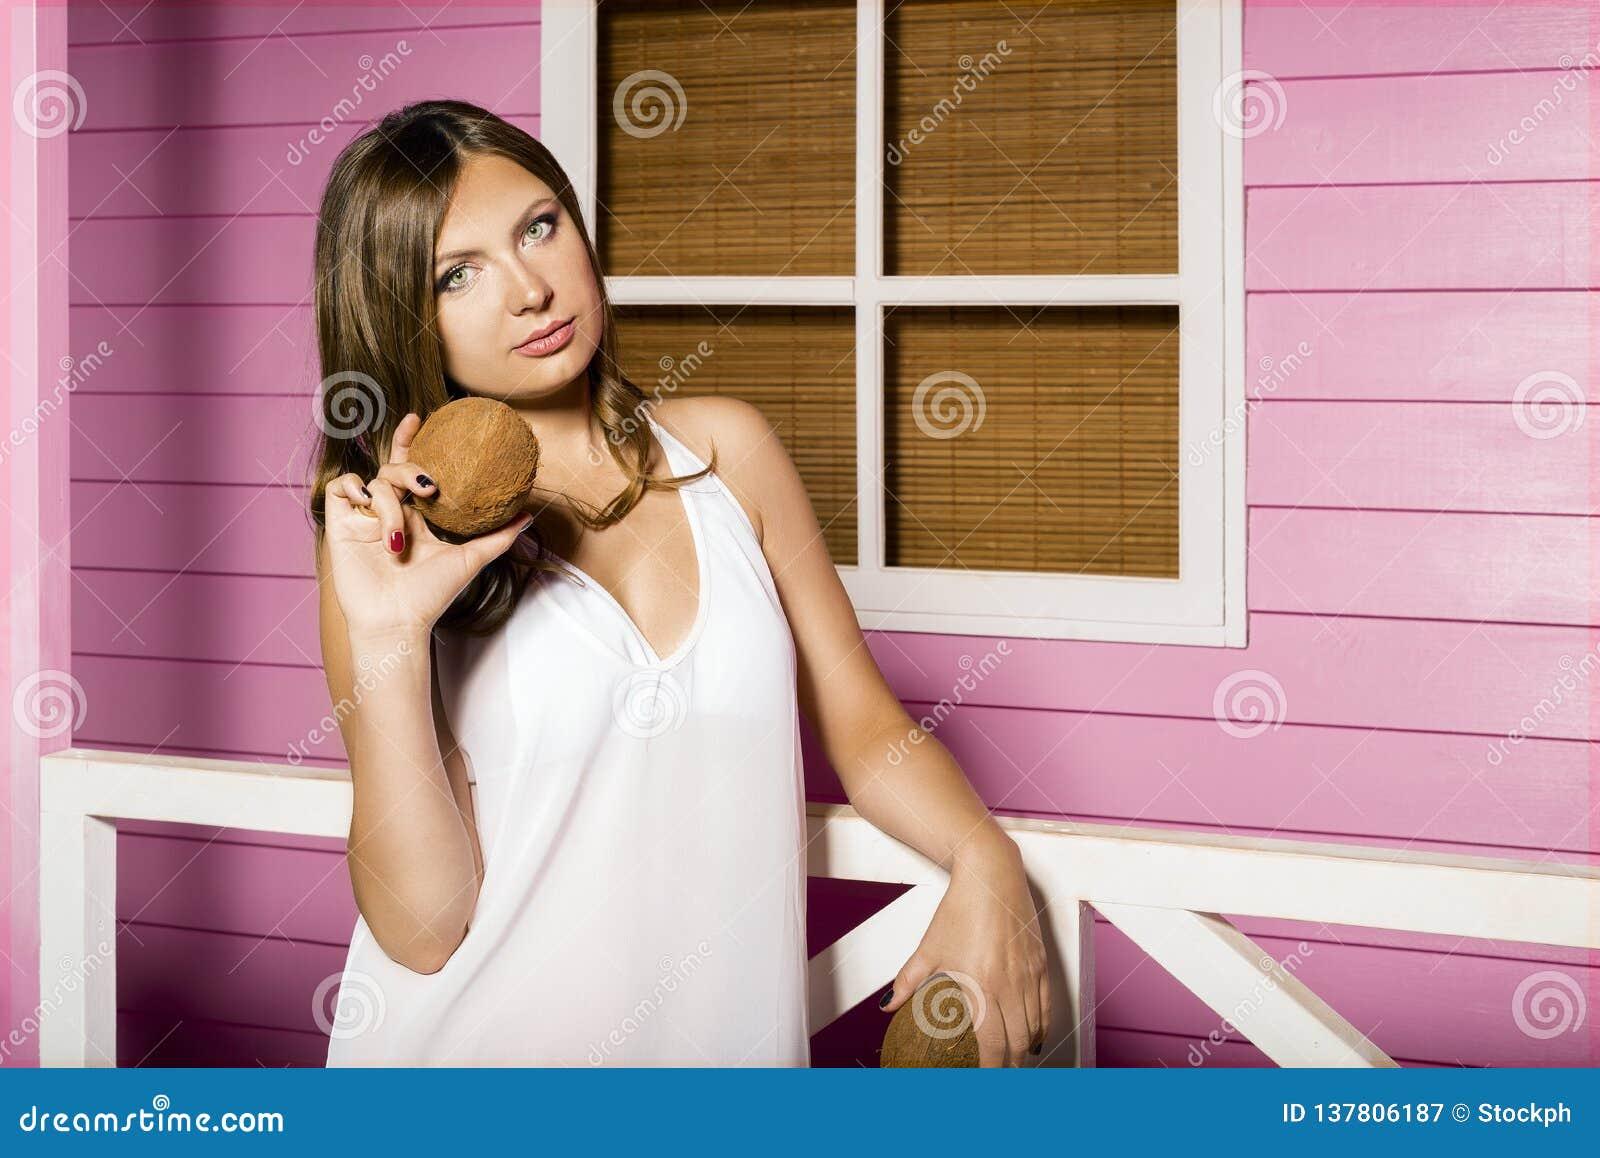 Retrato de una chica joven hermosa la mujer atractiva se coloca cerca de la casa del rosa de la playa y sostiene los cocos en su